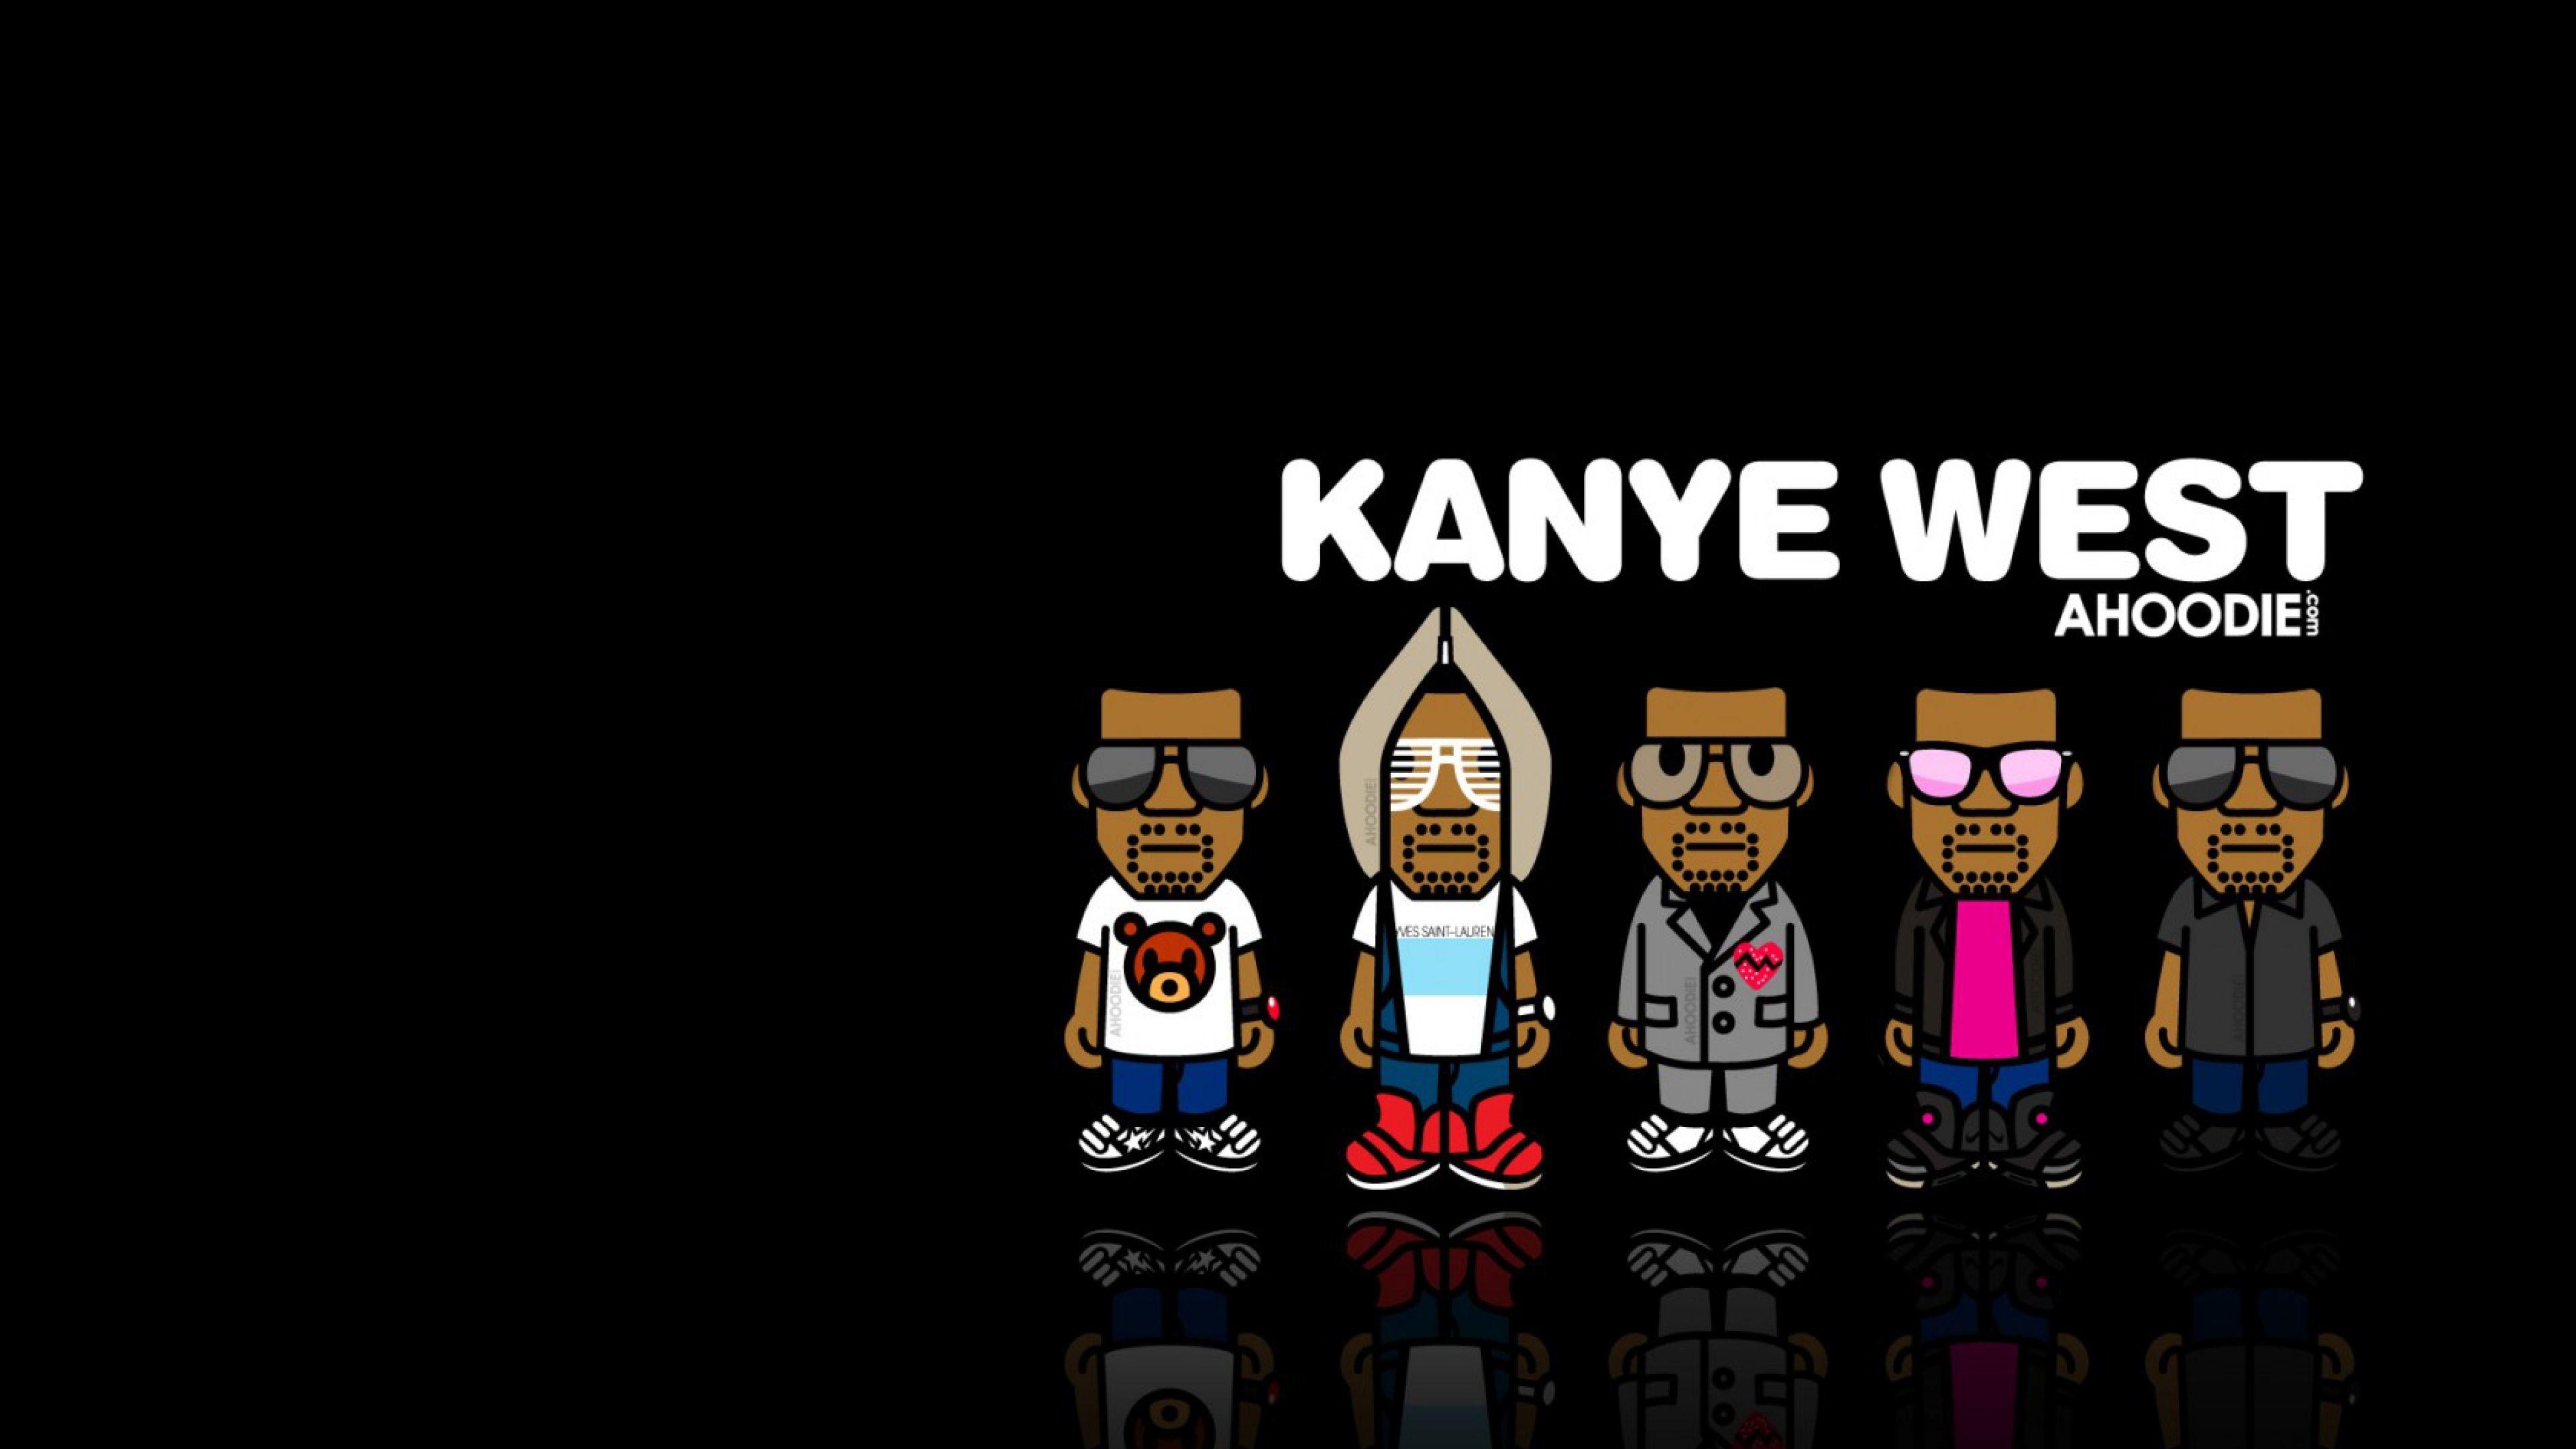 Download Wallpaper Kanye west, Music, Image, Hip-hop 4K .